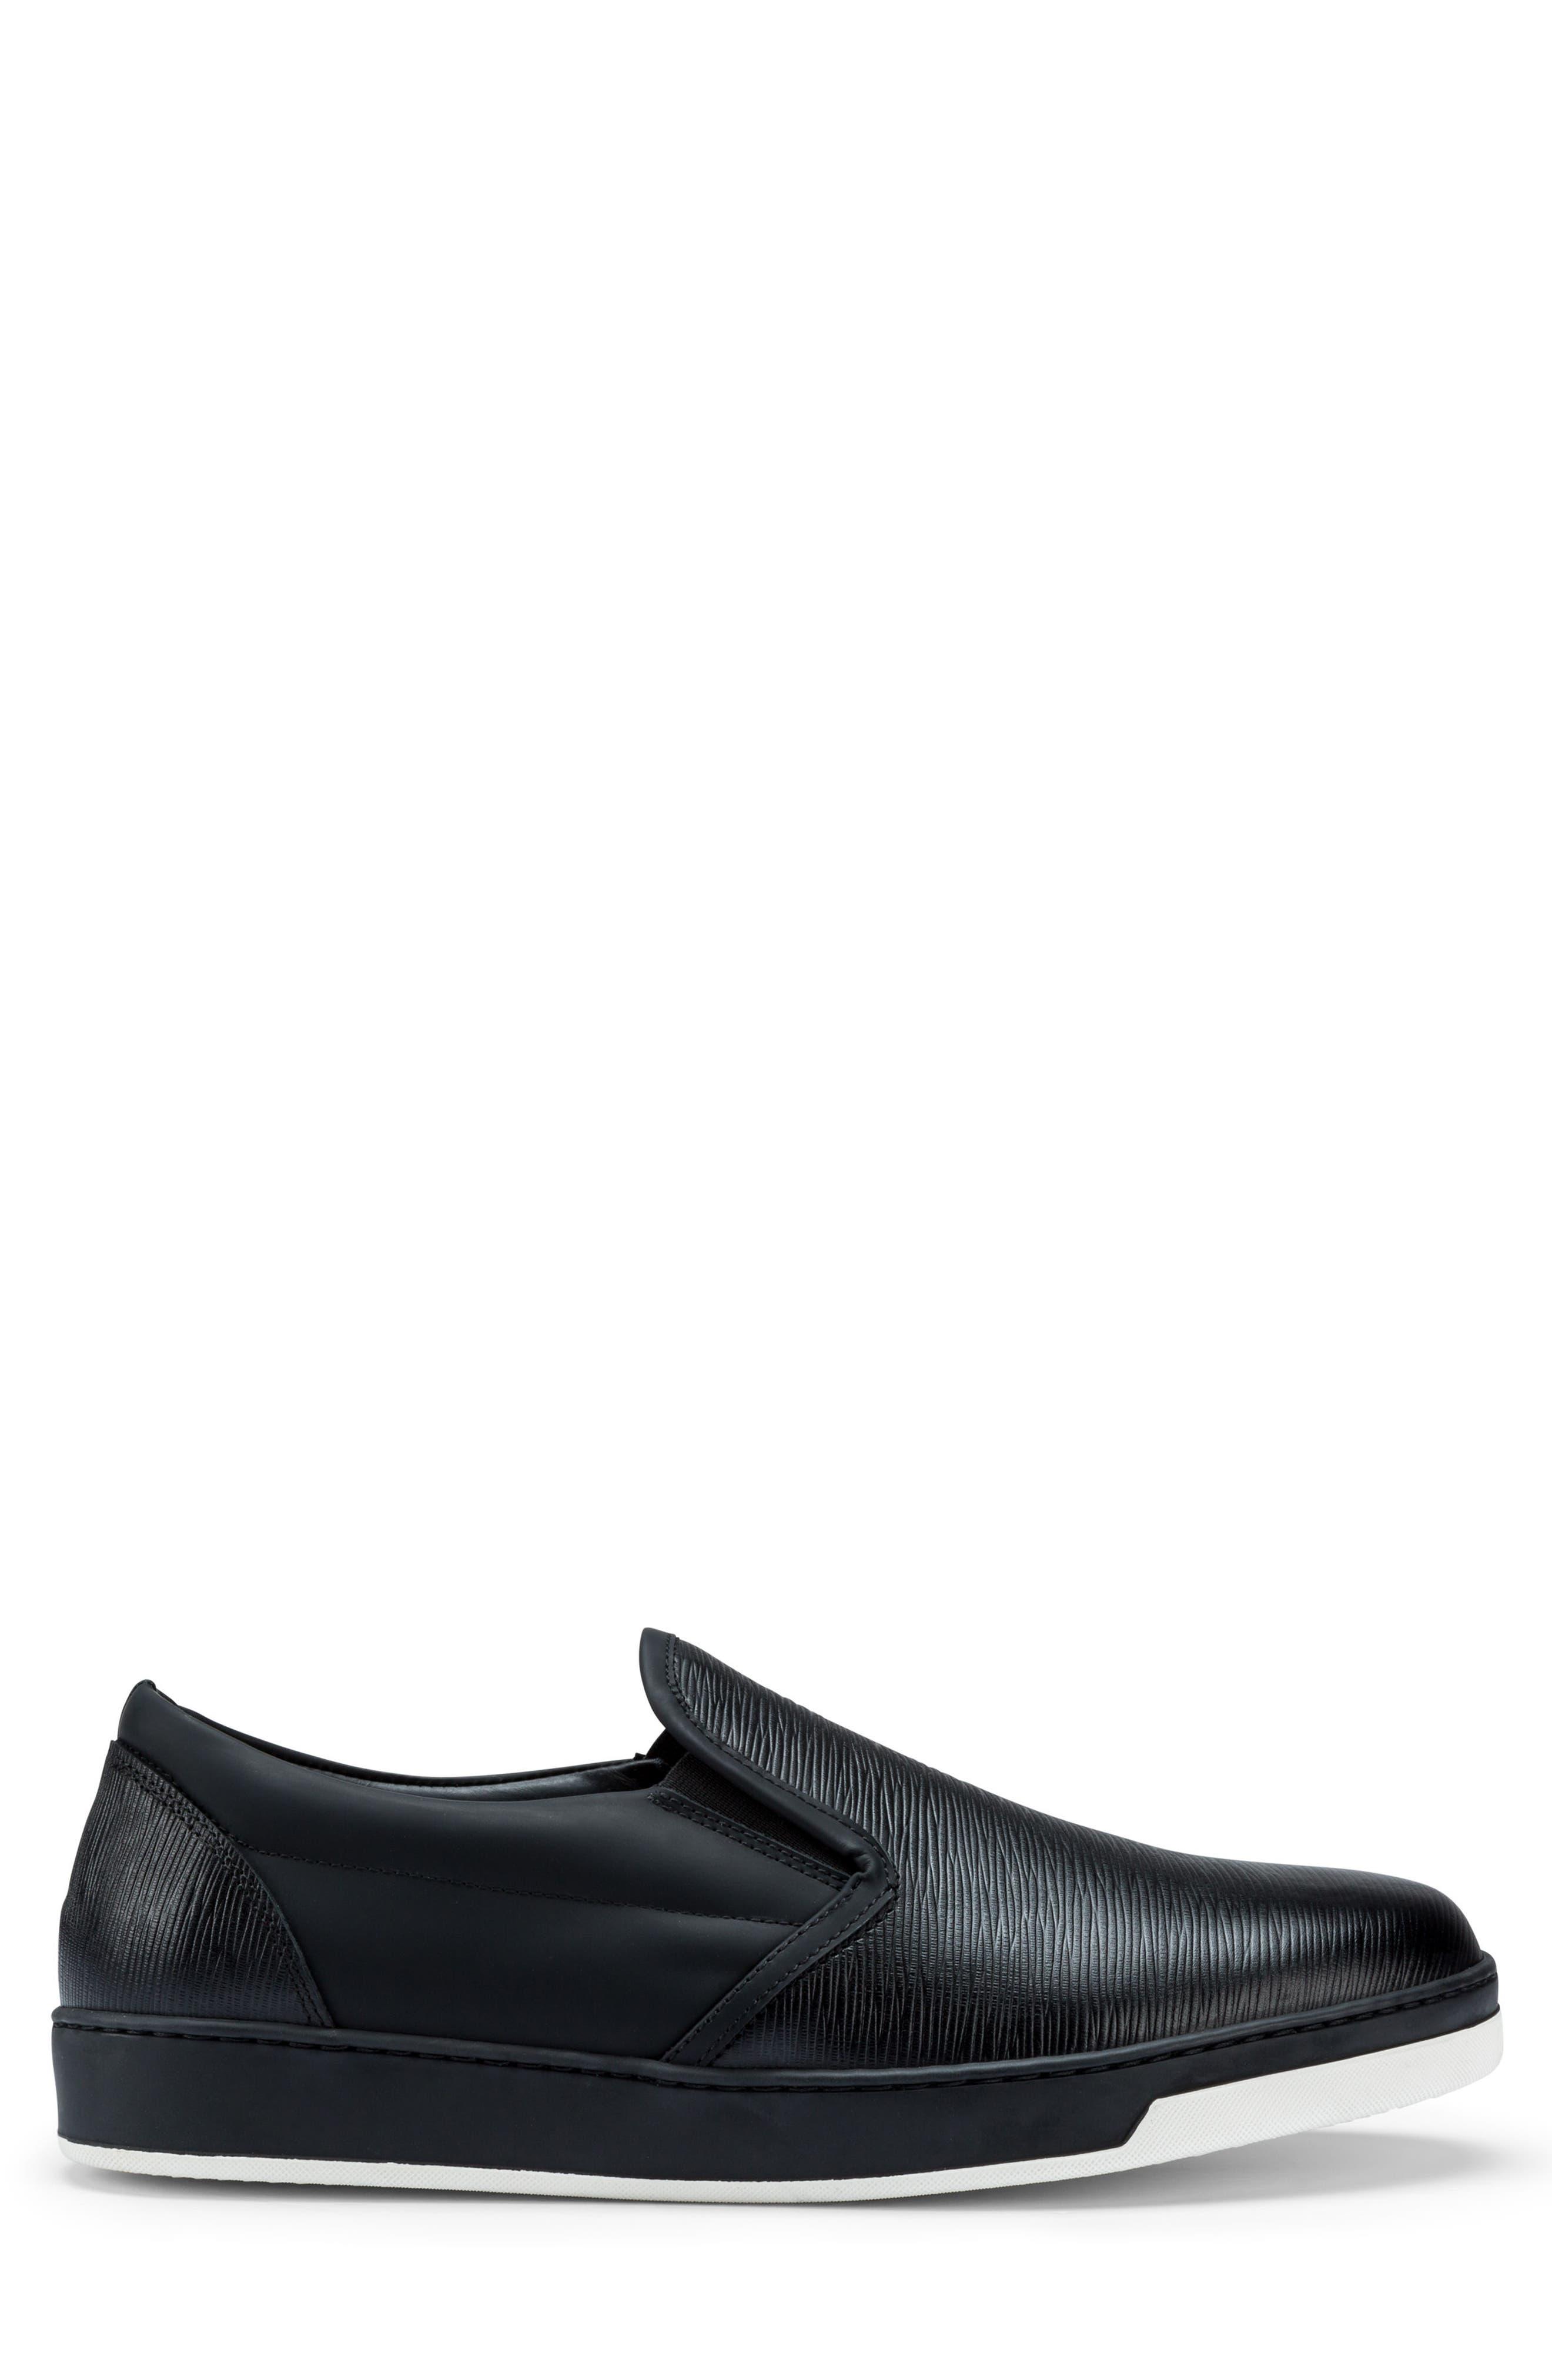 Santorini Slip-On Sneaker,                             Alternate thumbnail 3, color,                             001